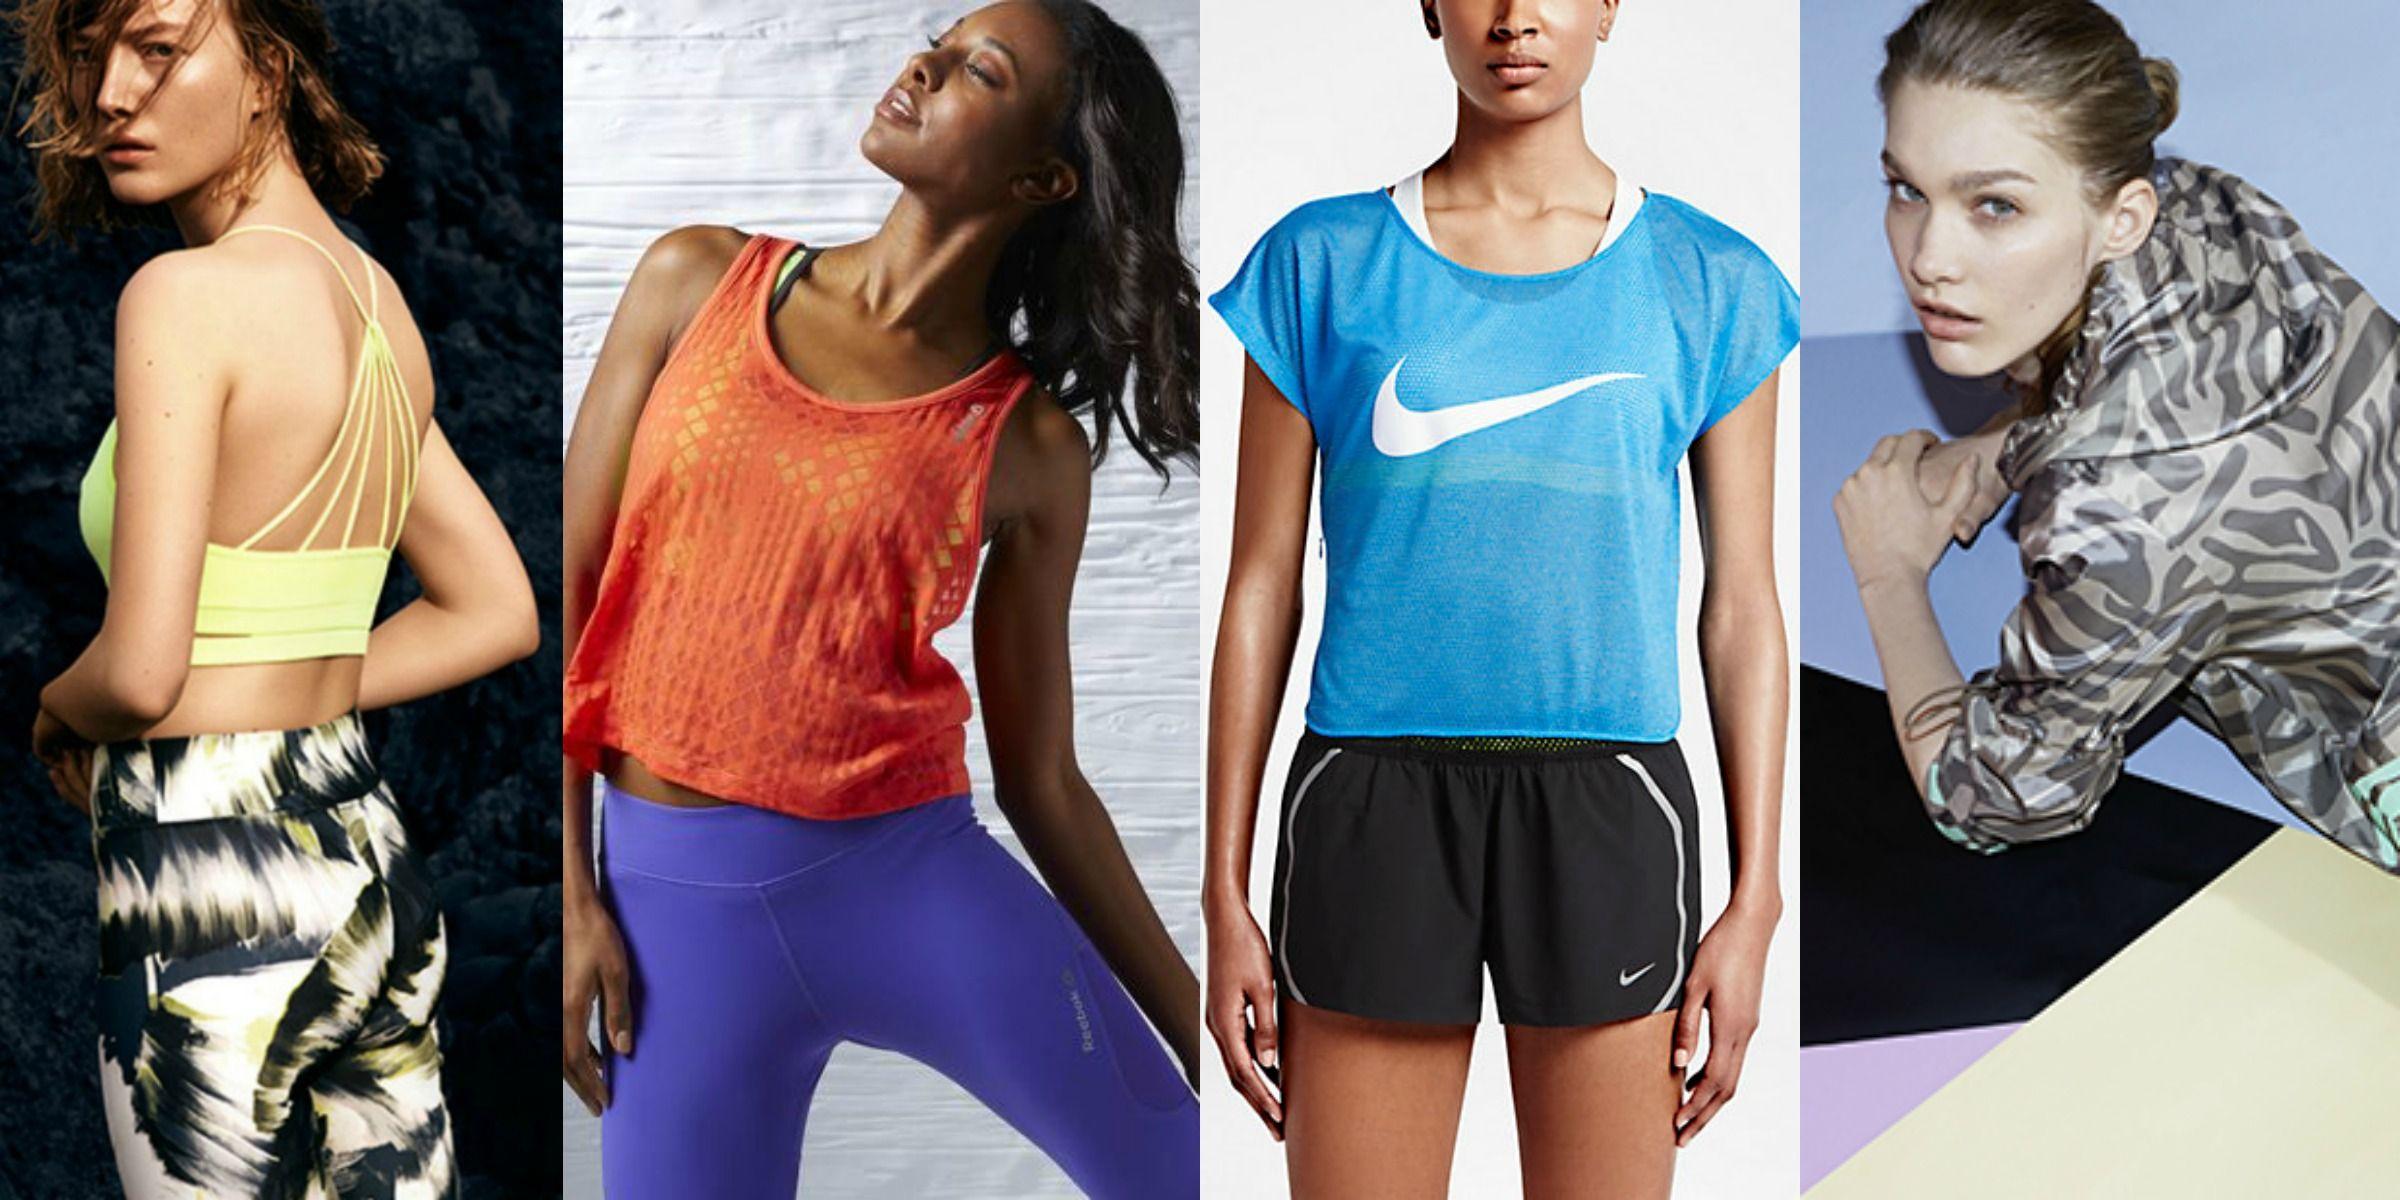 Moda sport: a ogni colore la sua personalità | Scarpamondo